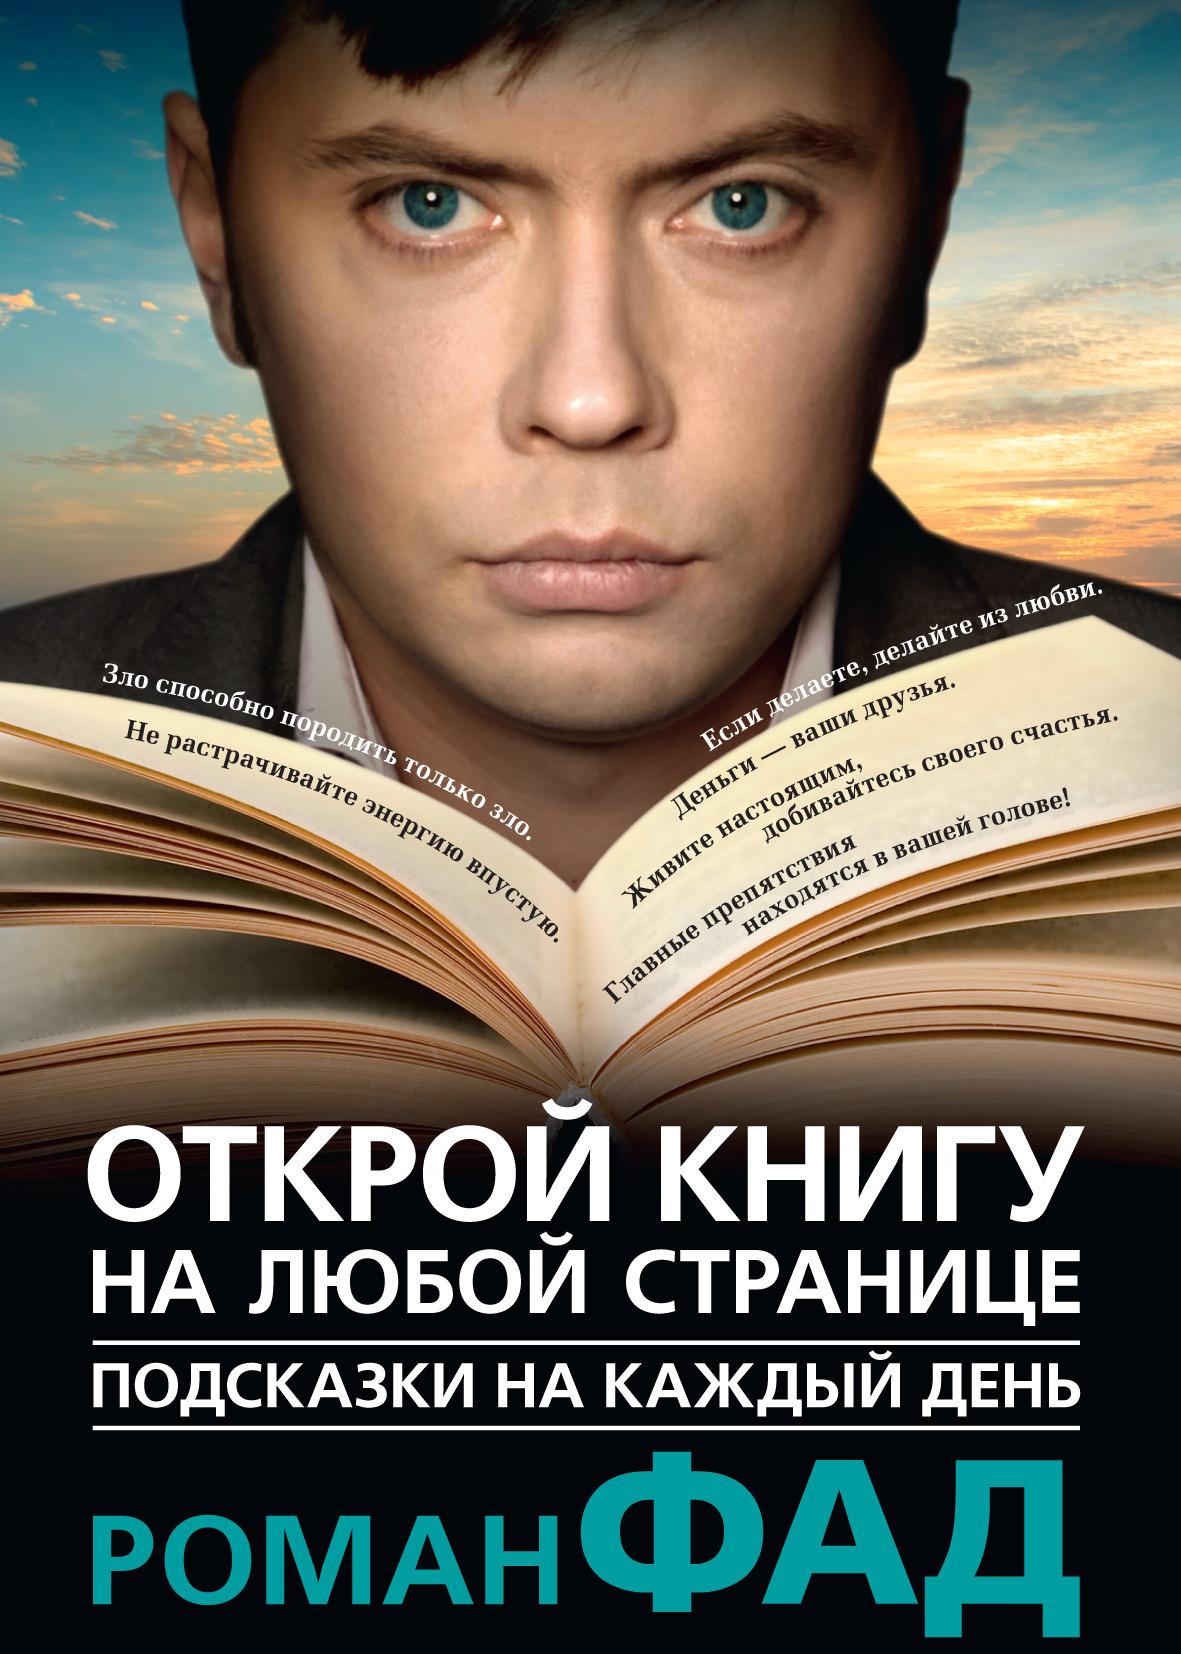 Роман Фад Подсказки на каждый день. Открой книгу на любой странице цена